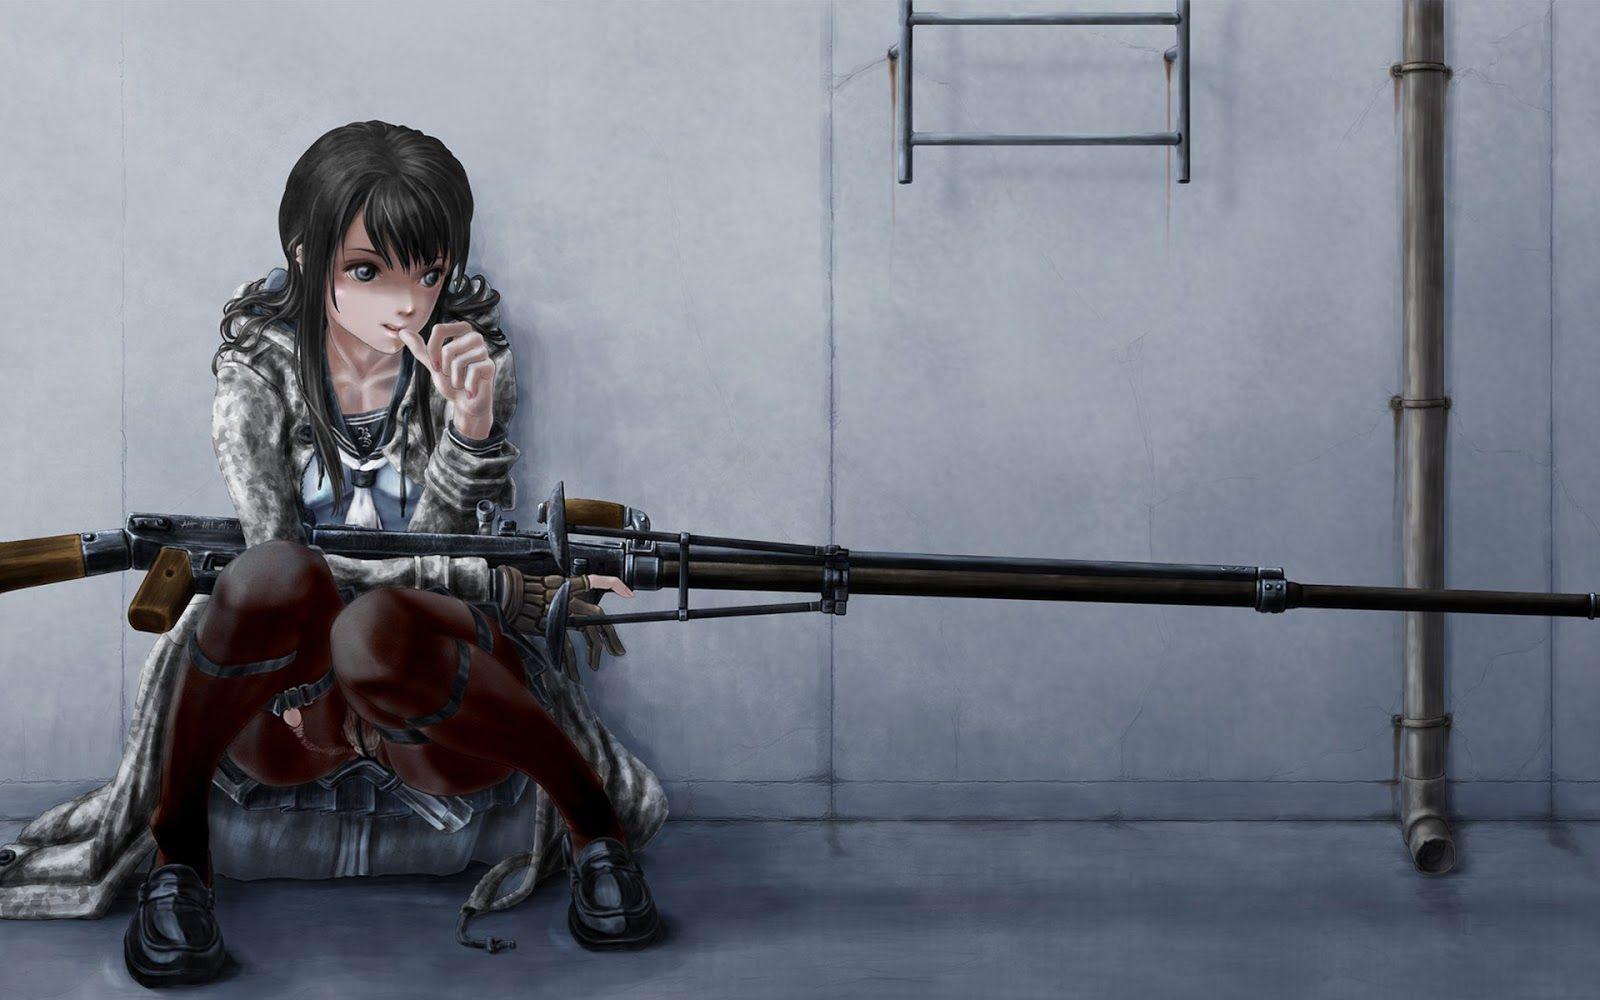 Sniper Girl Waiting 1144 Hd Wallpaper Sniper Girl Anime Wallpaper Guns Illustration